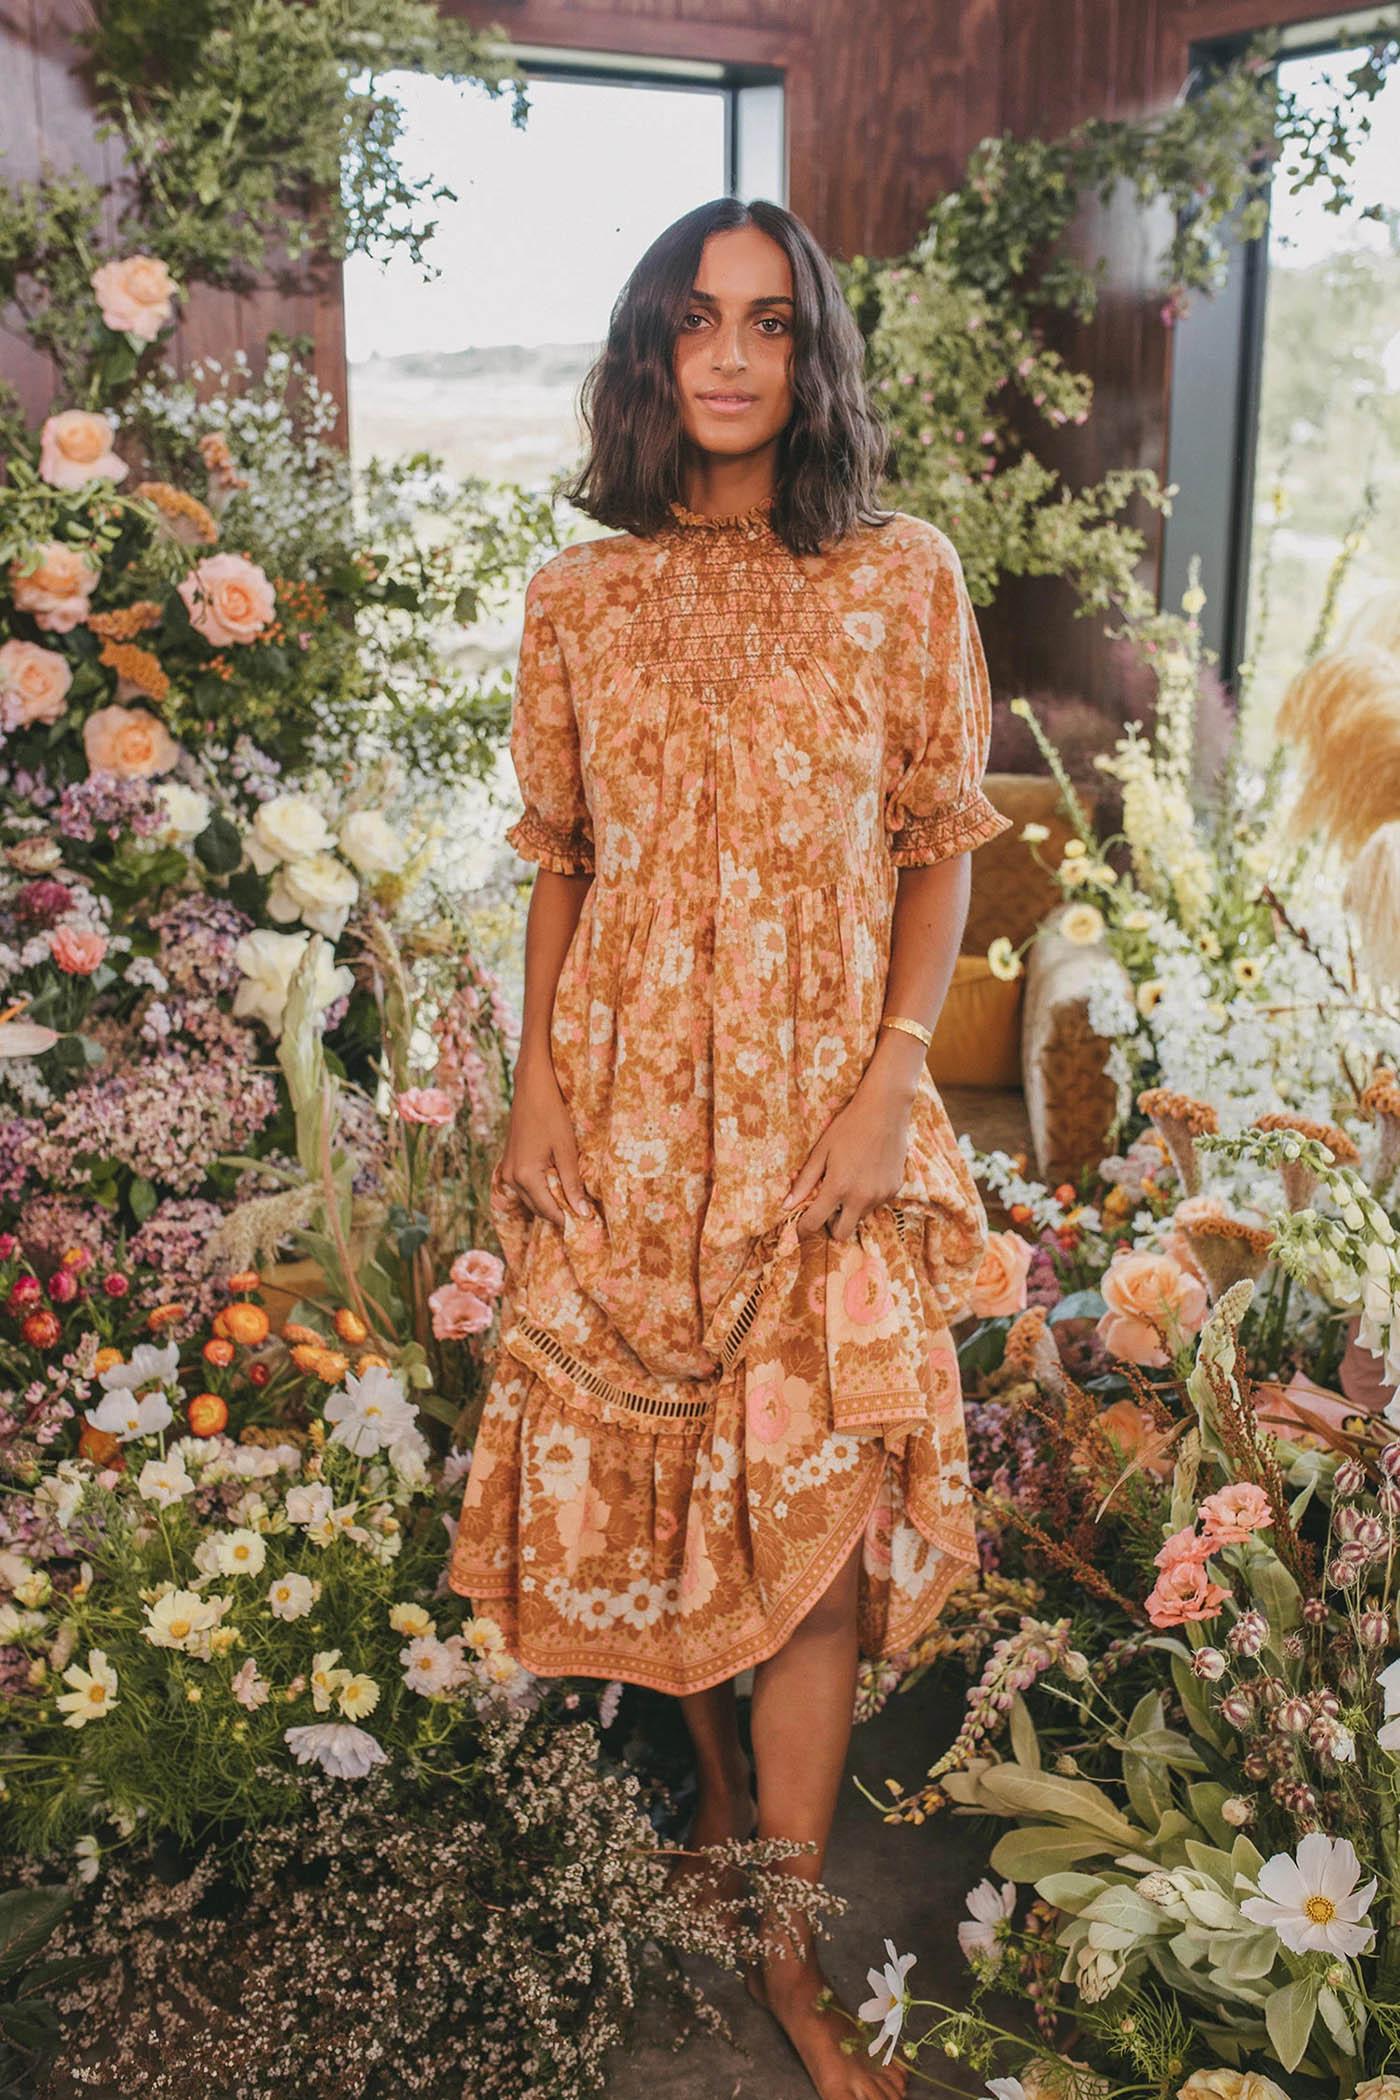 boho spring dress from Spell